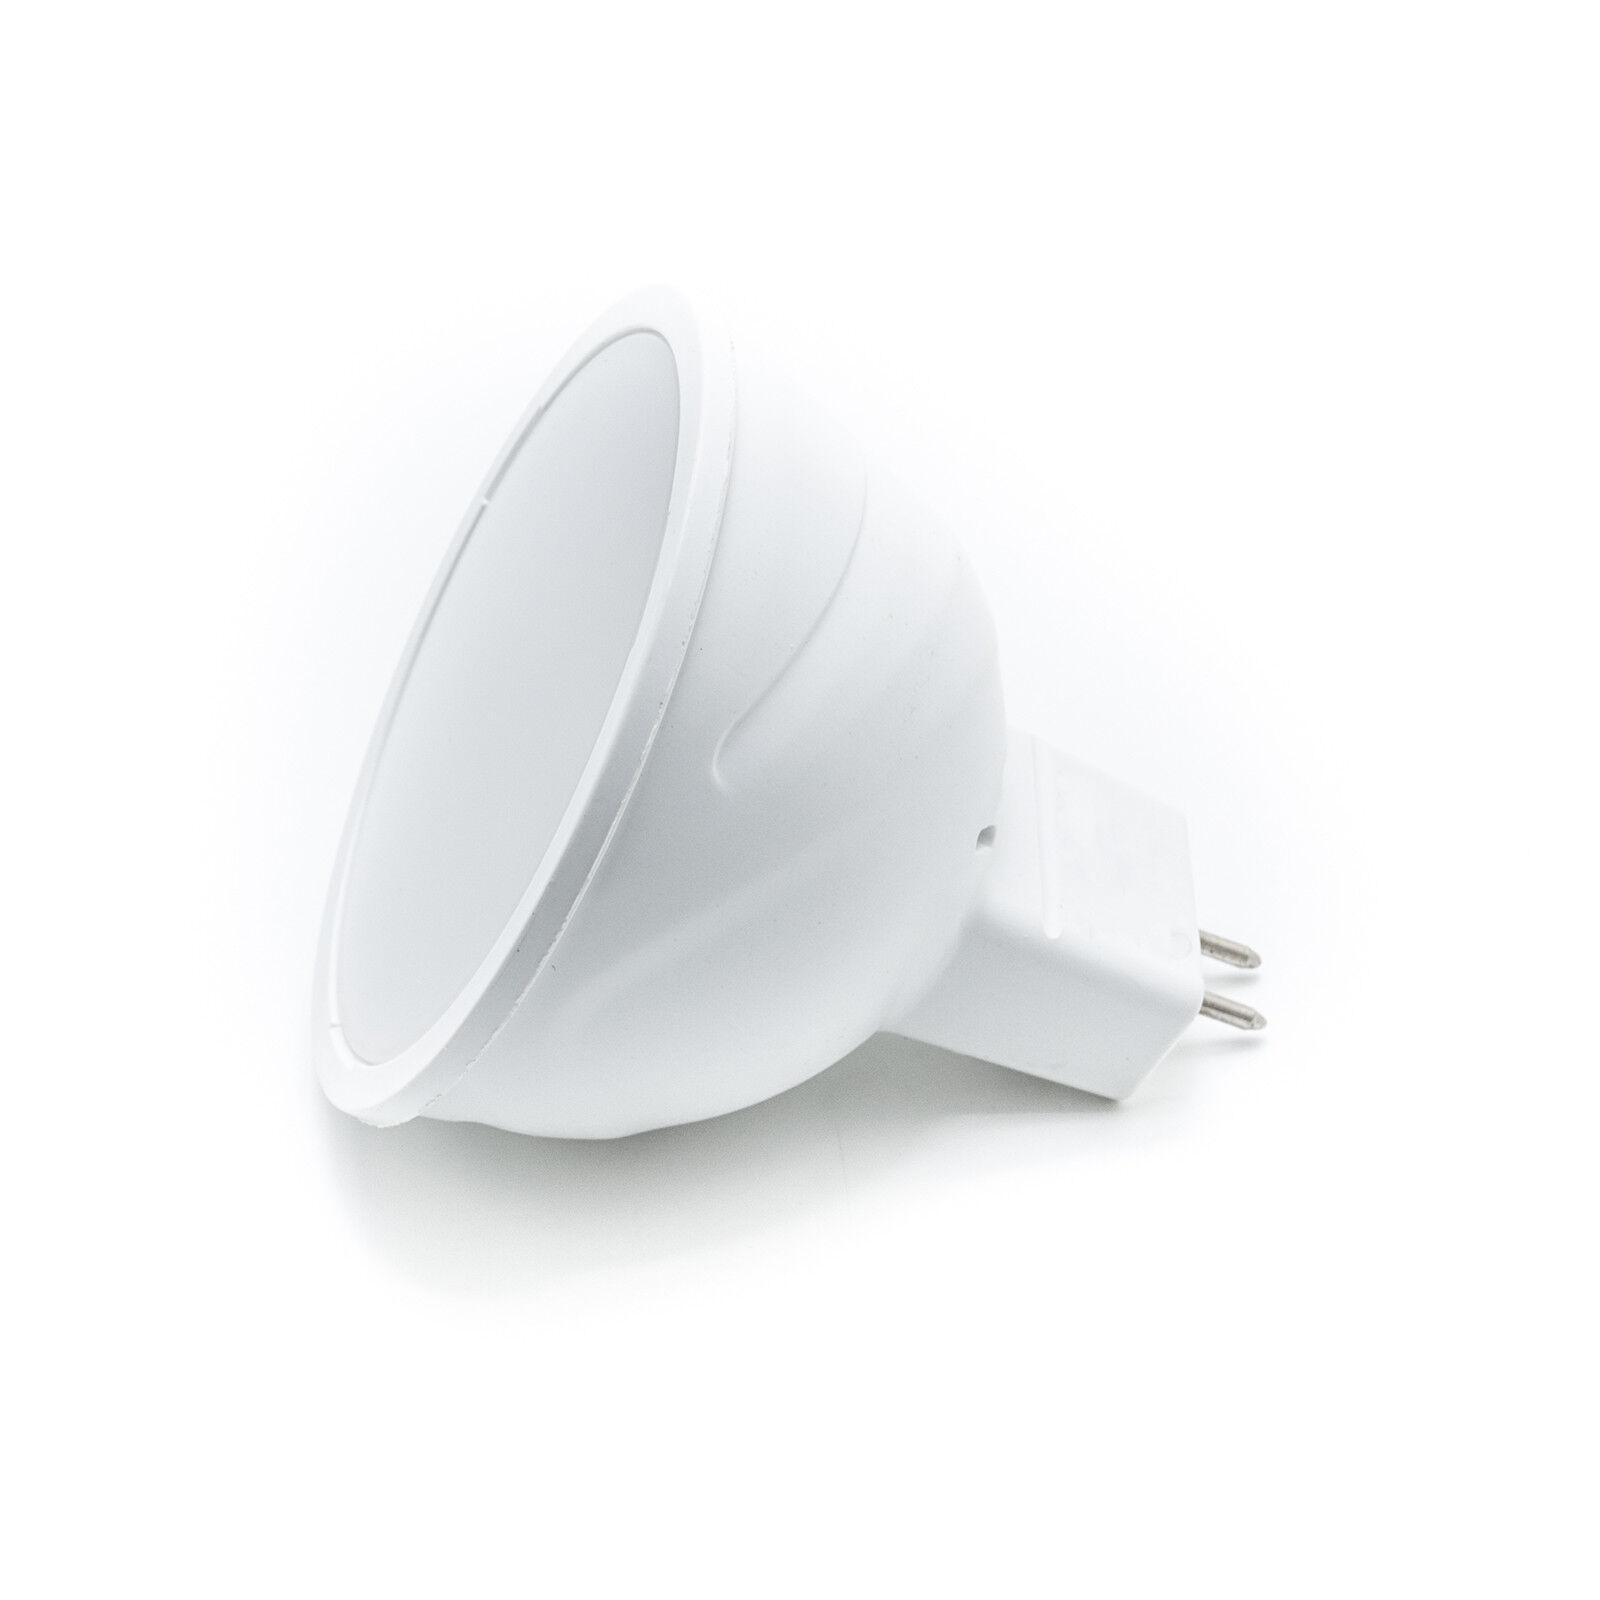 10 x Lampada faretto led gu5.3 mr16 7w 160 gradi 560 lumen luce diffusa 12v 7w